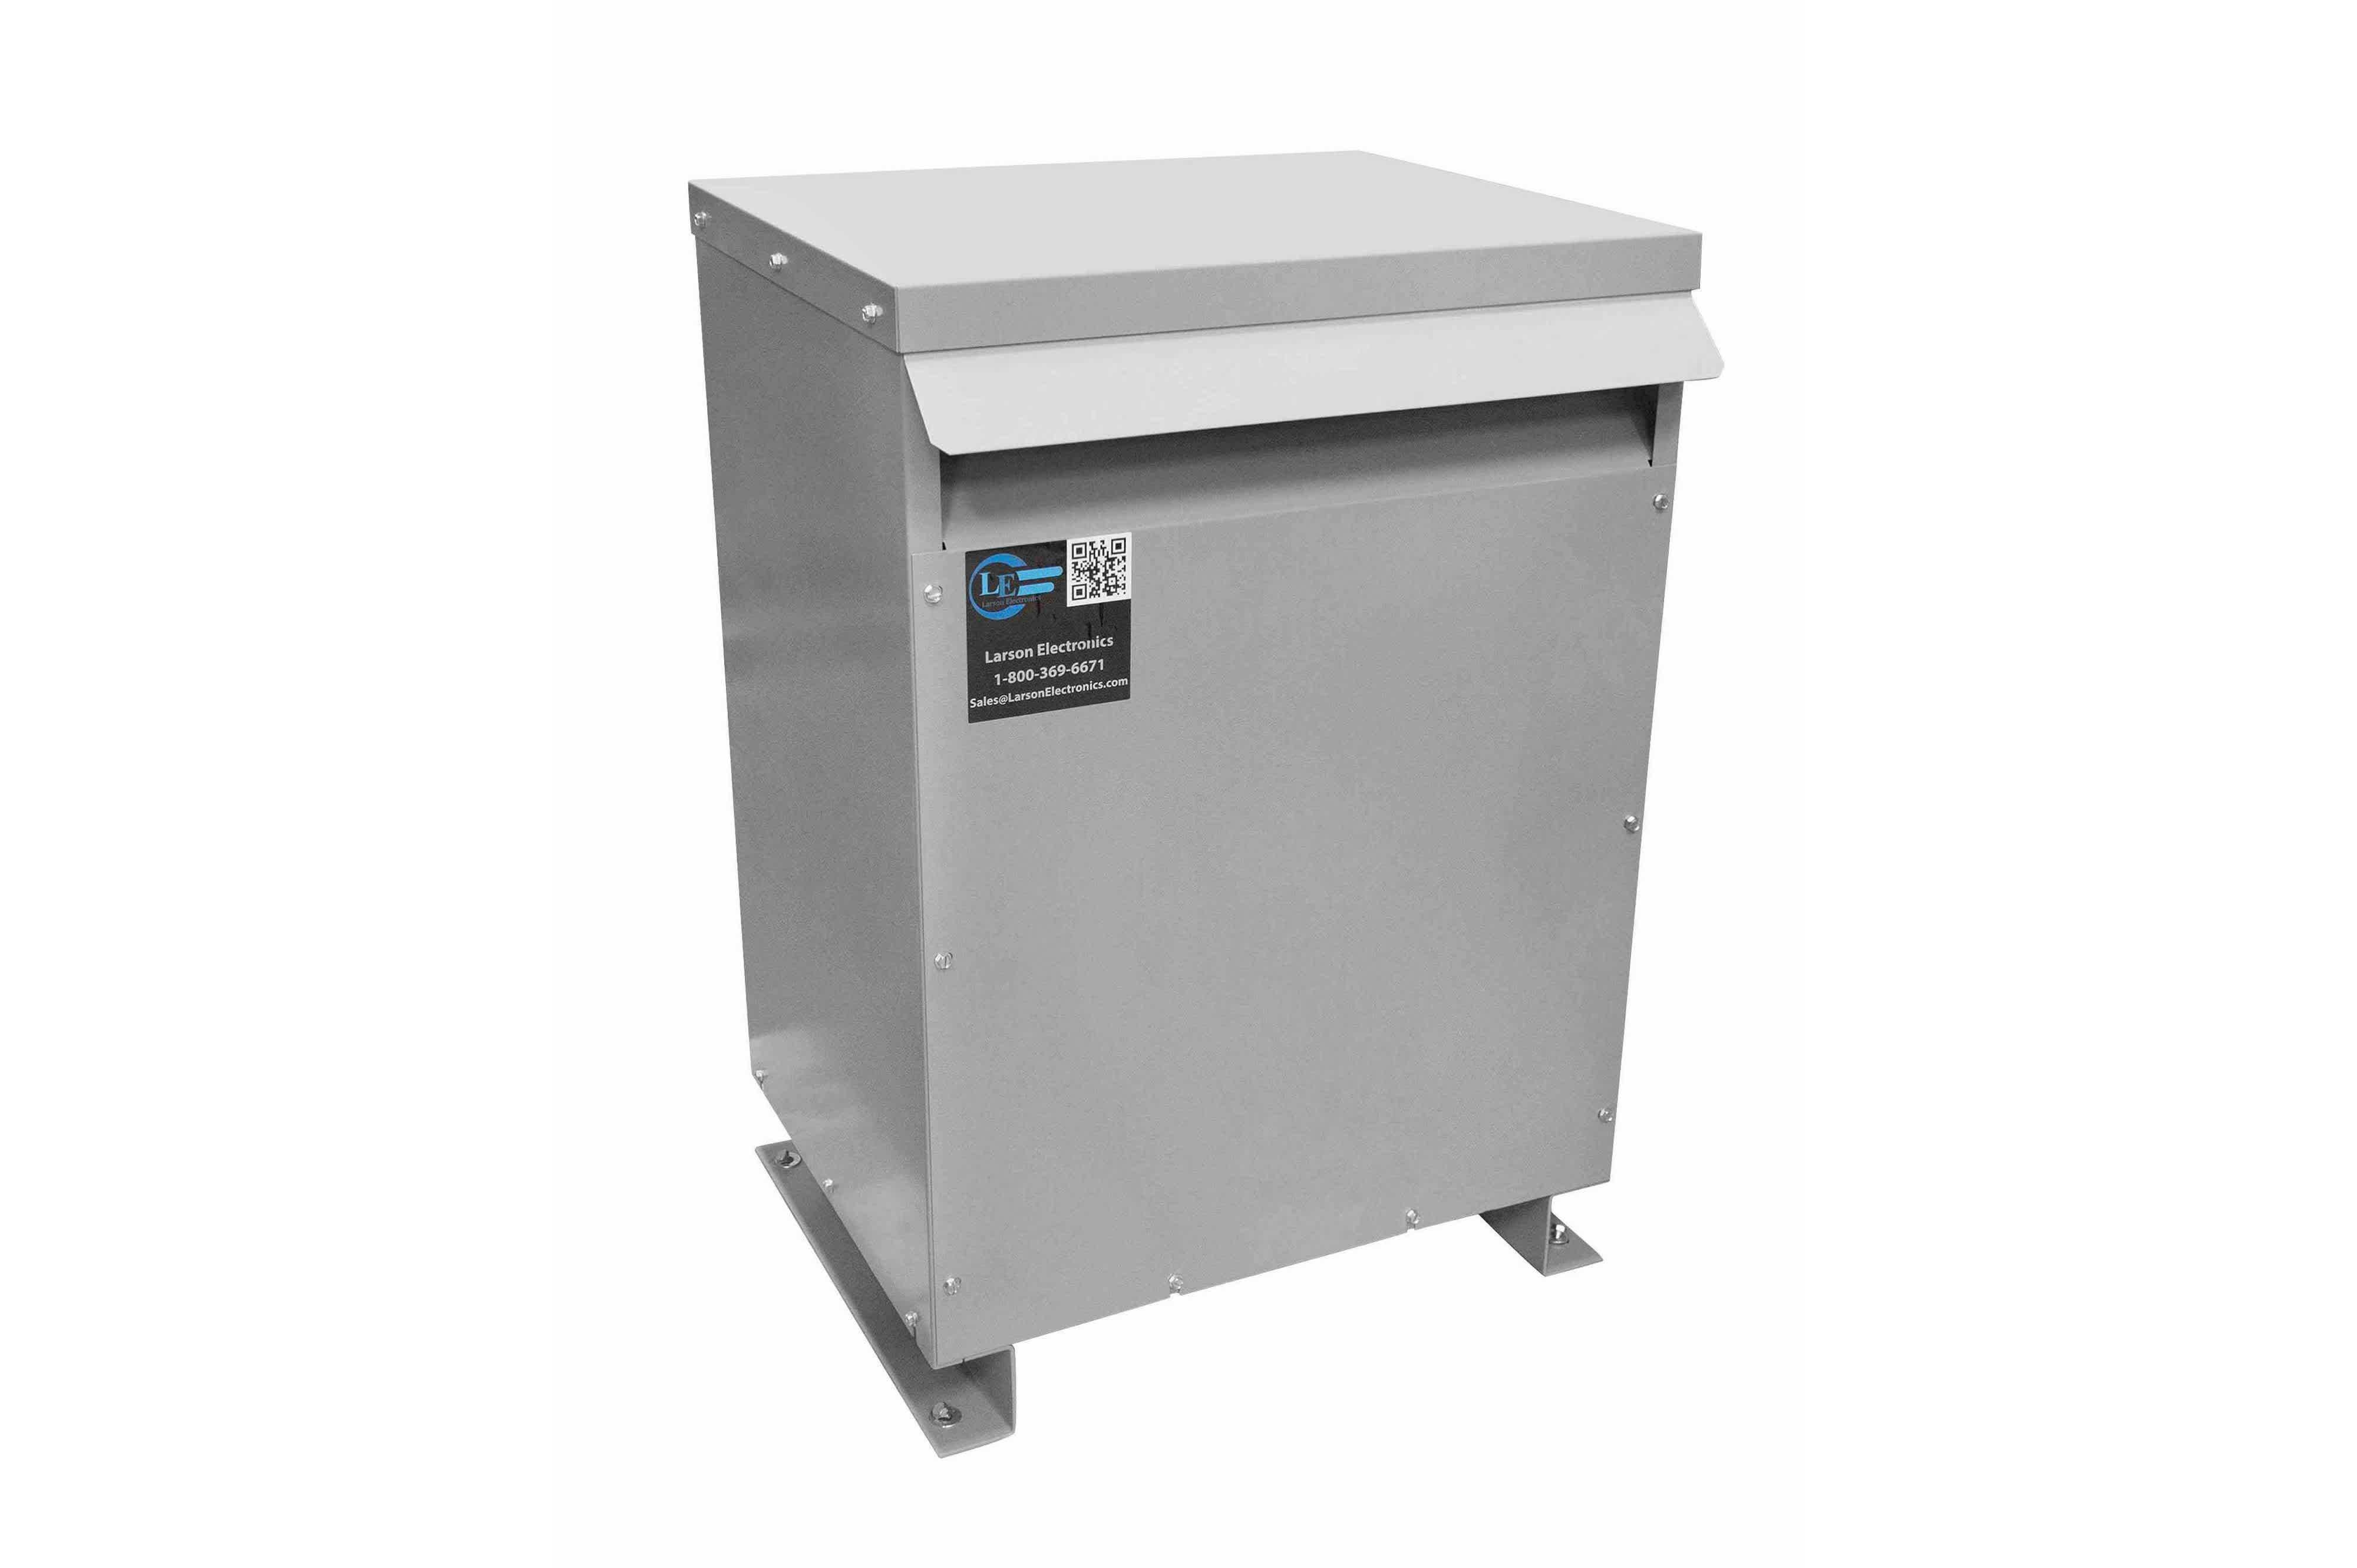 65 kVA 3PH Isolation Transformer, 208V Delta Primary, 240 Delta Secondary, N3R, Ventilated, 60 Hz